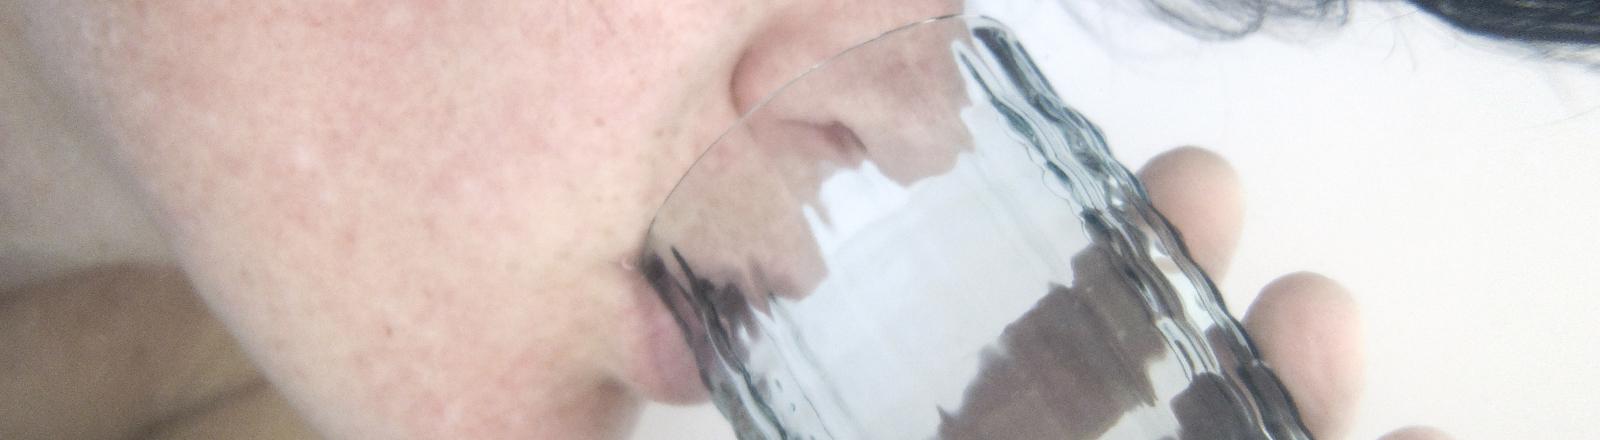 Eine Frau trinkt Wasser aus einem Glas